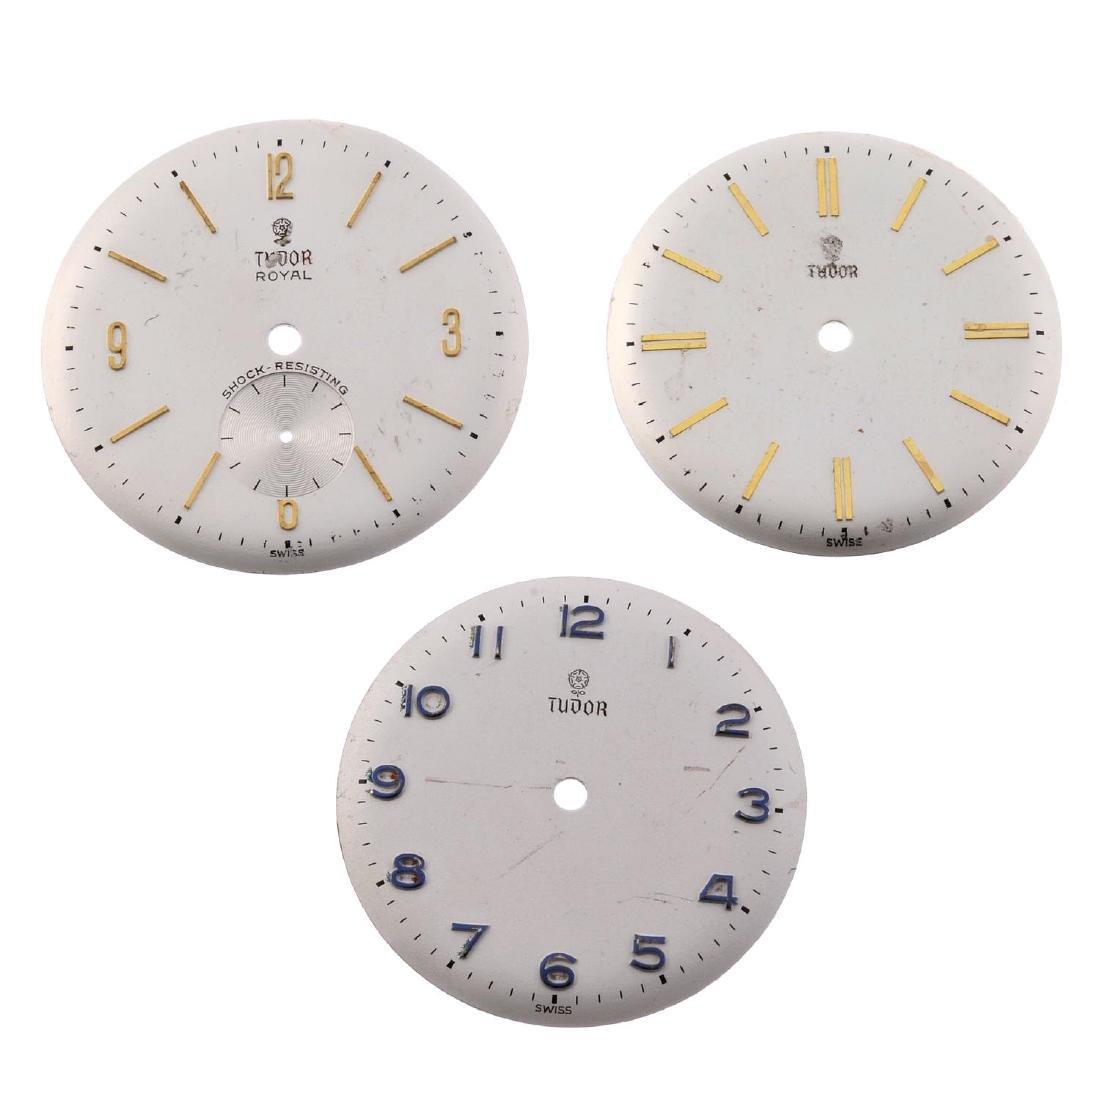 TUDOR - a group of thirteen assorted watch dials. All